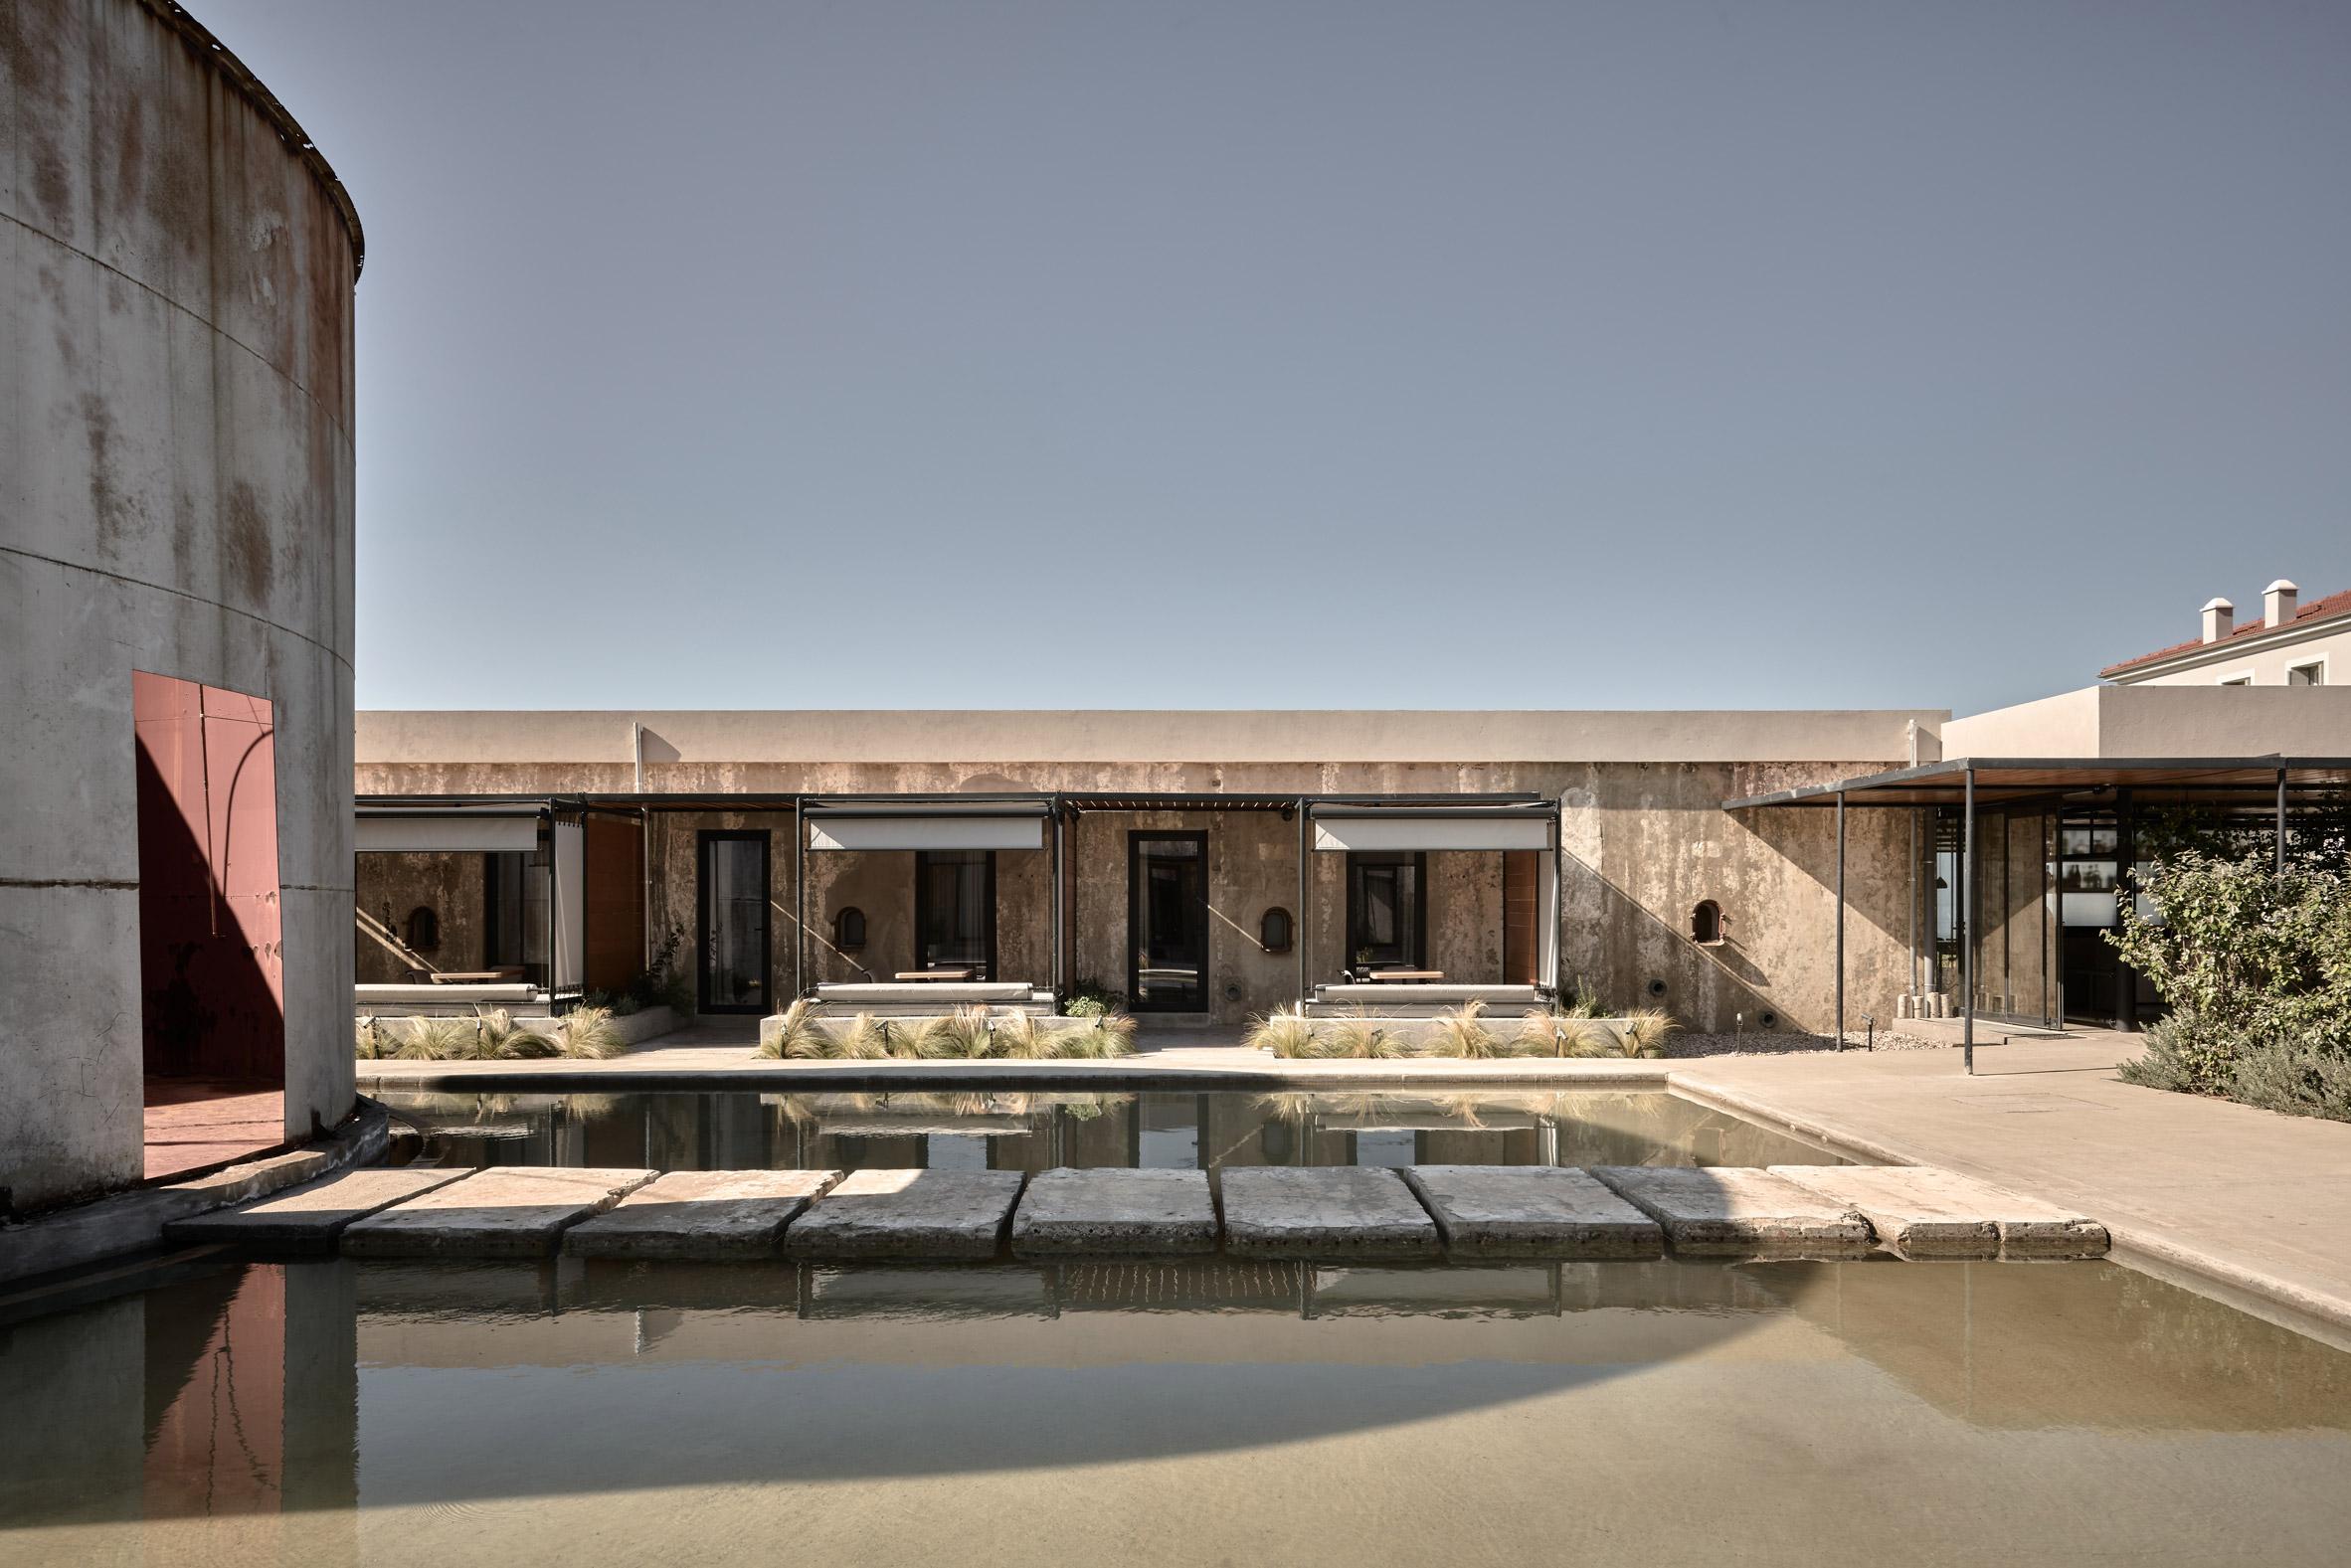 Dexamenes Seaside Hotel by K-studio, winner of the AHEAD Global Ultimate Accolade